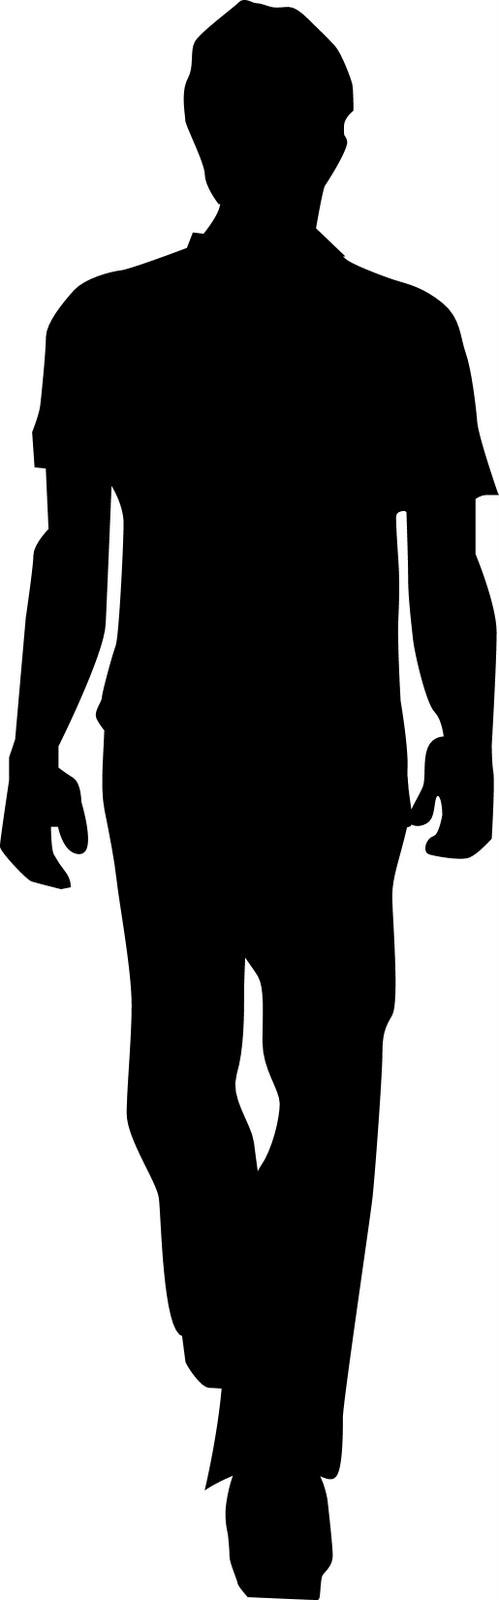 Free Silhouette Man Walking Away, Download Free Clip Art.